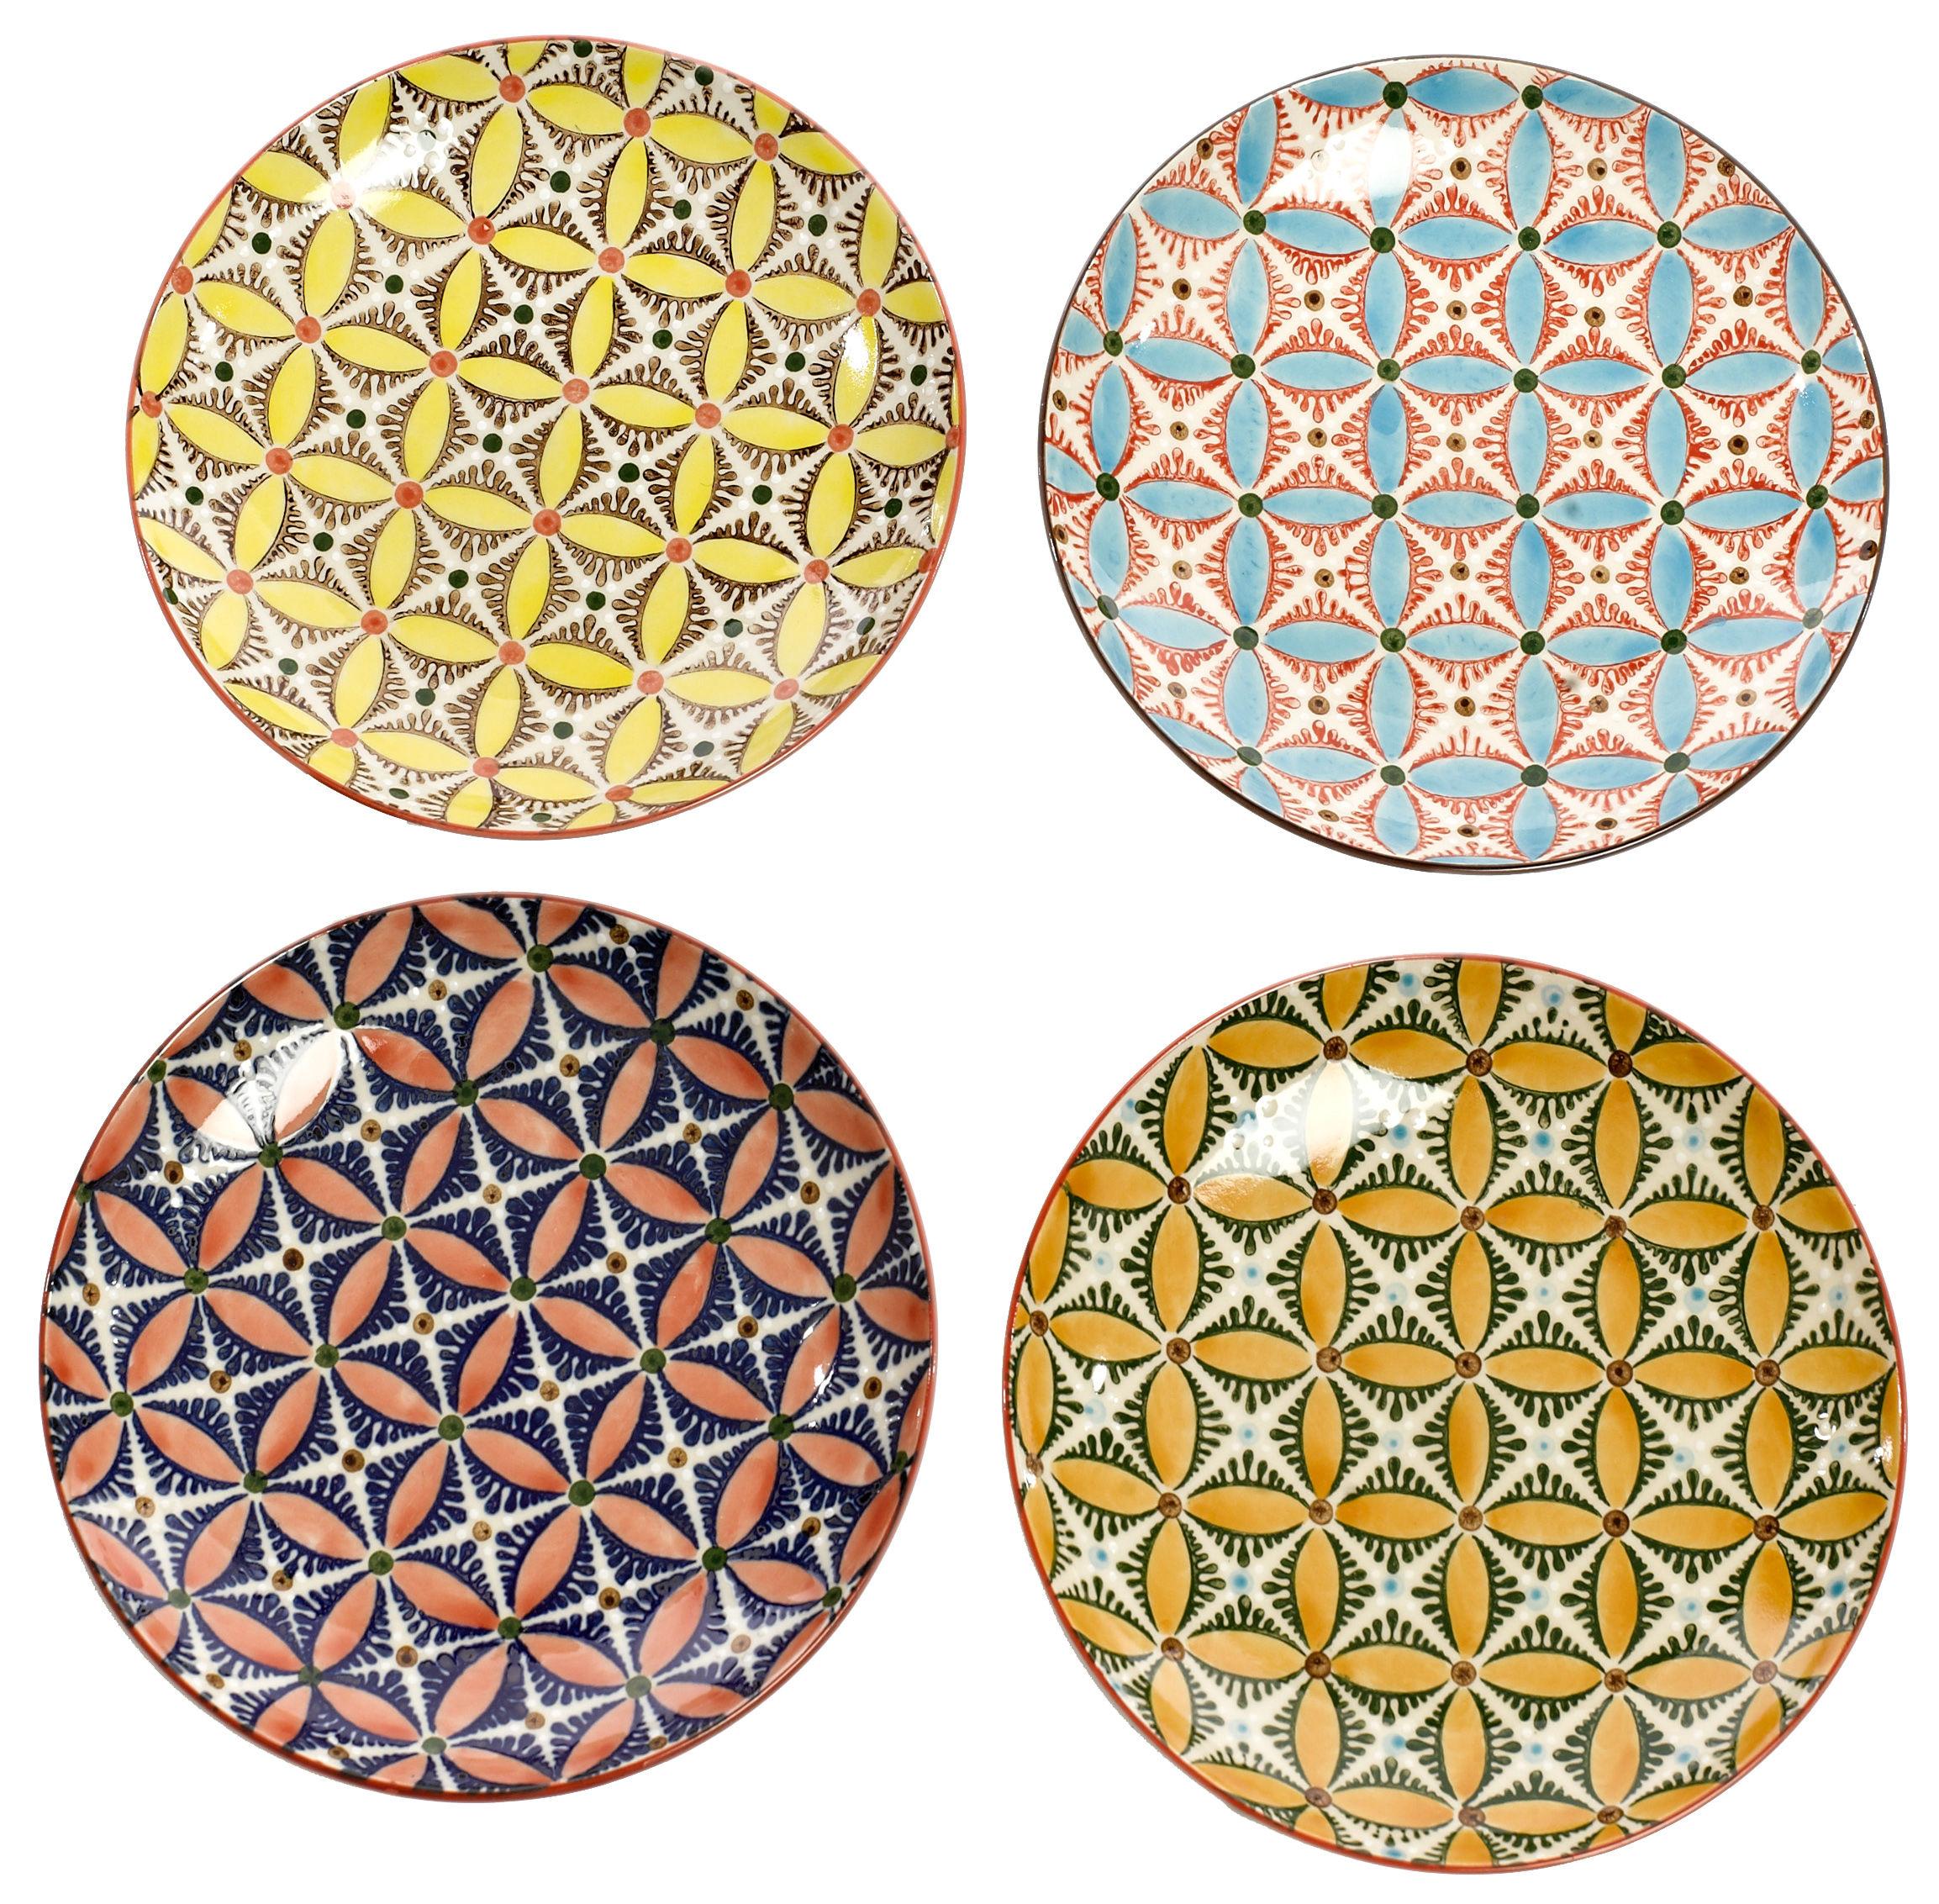 Tableware - Plates - Hippy Dessert plate - Set of 4 by Pols Potten - Multicolored - Céramique vitrifiée